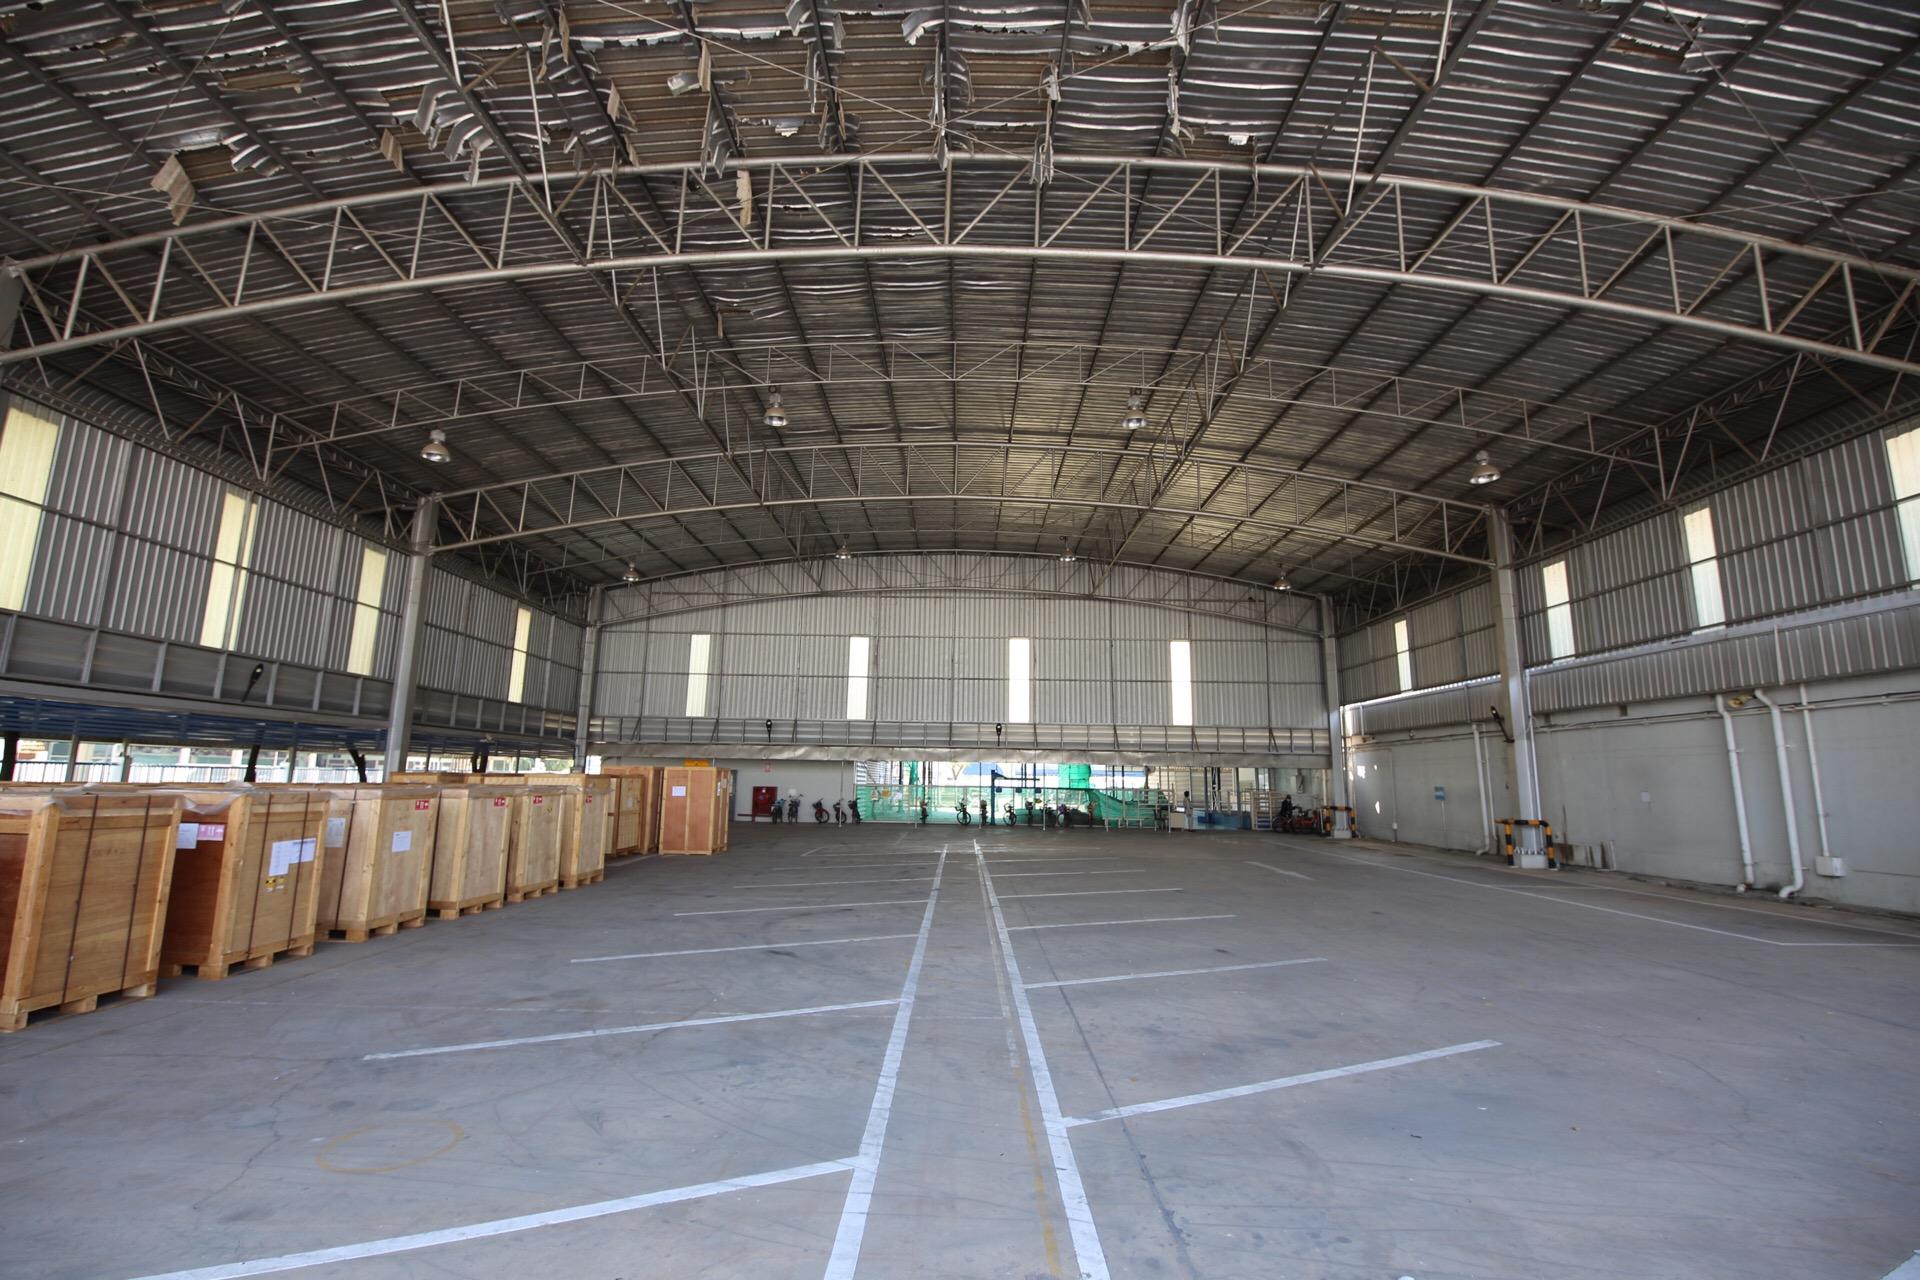 ขาย โรงงาน เขตส่งเสริมอุตสาหกรรมนวนคร  Nava Nakorn Industrial Zone